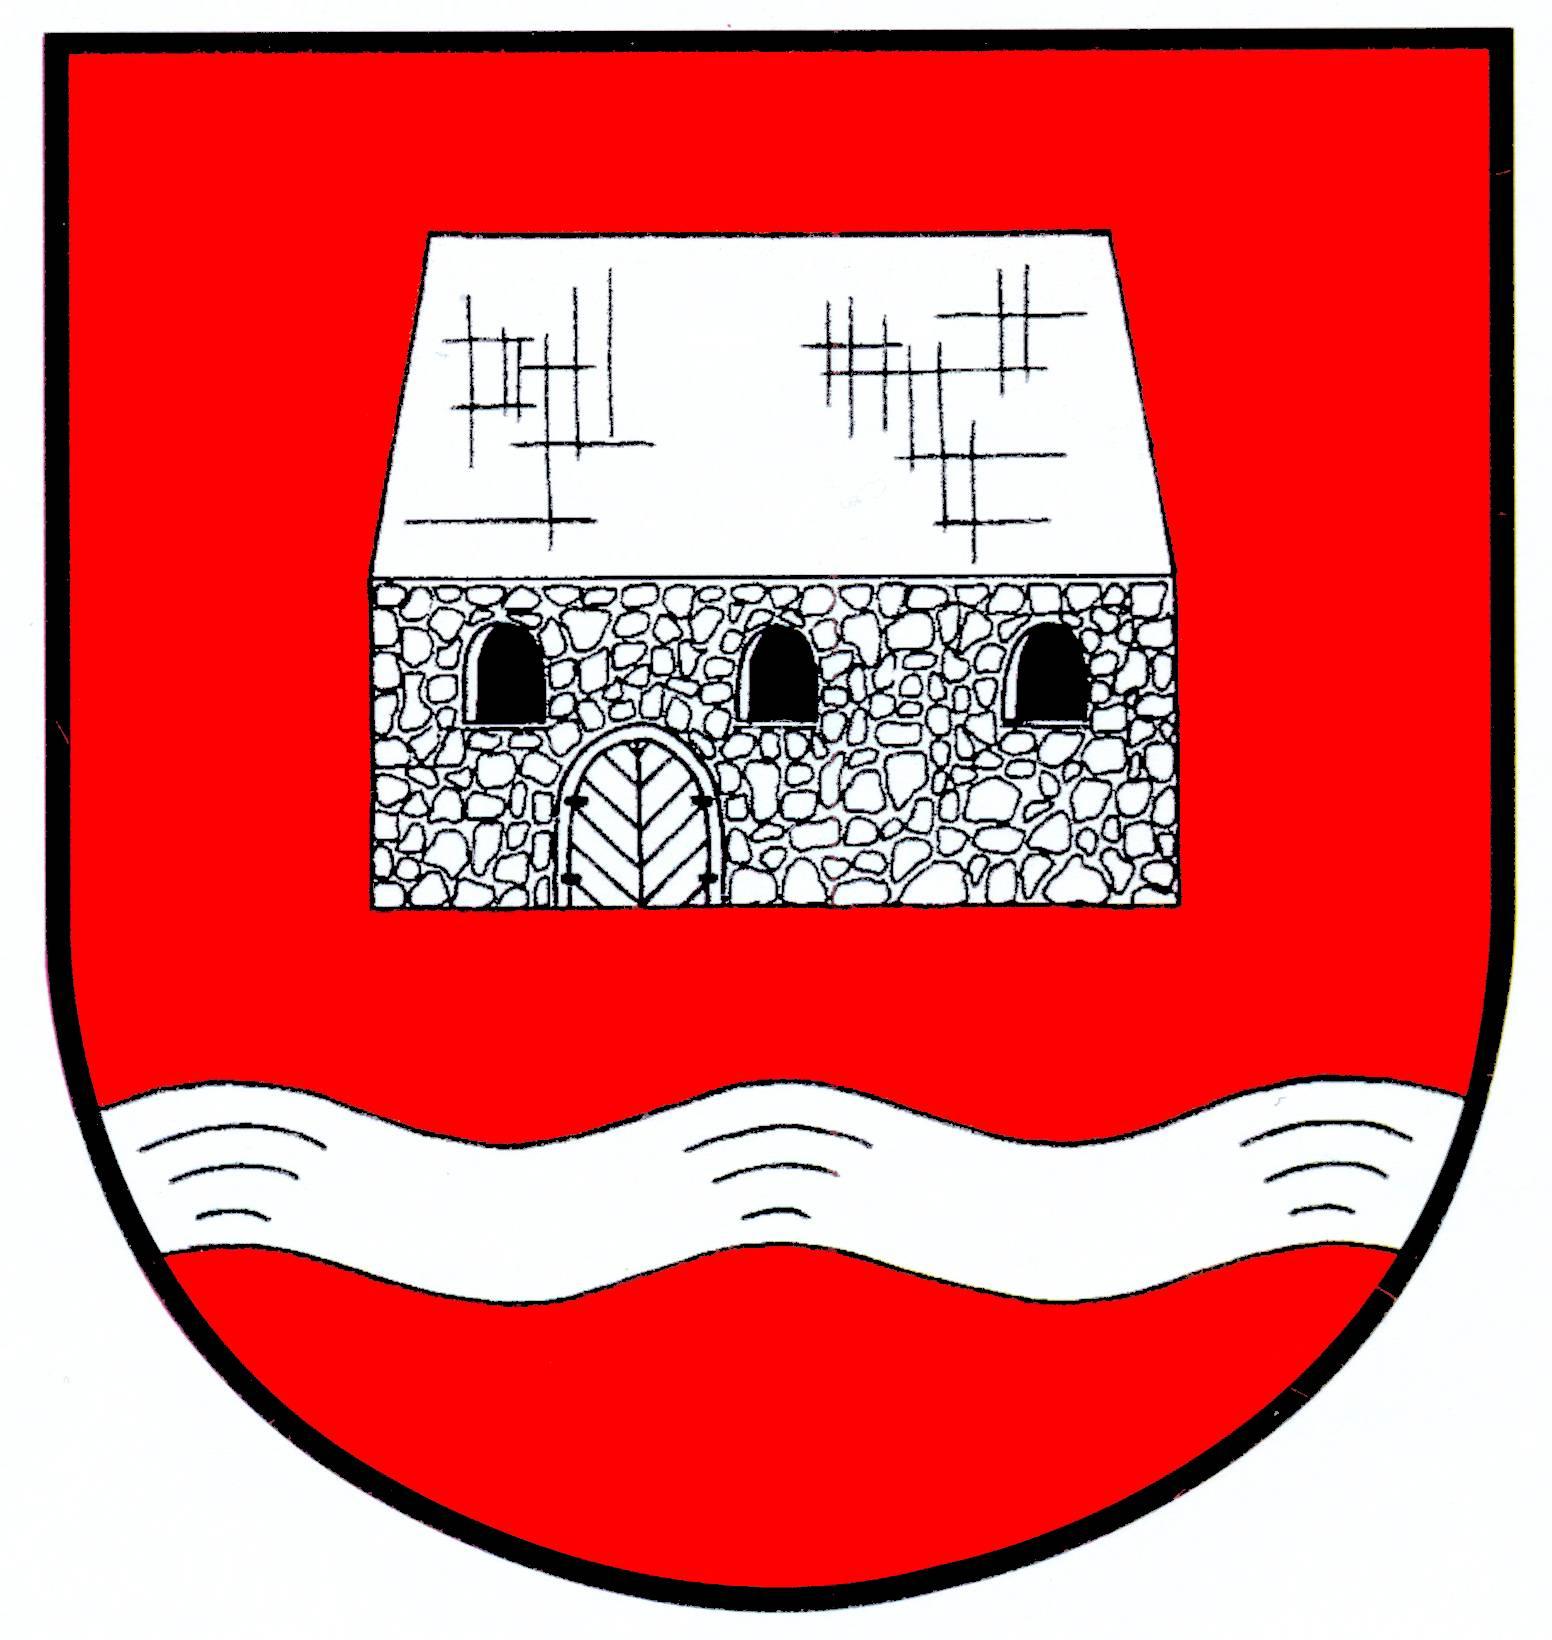 Wappen GemeindeWrist, Kreis Steinburg